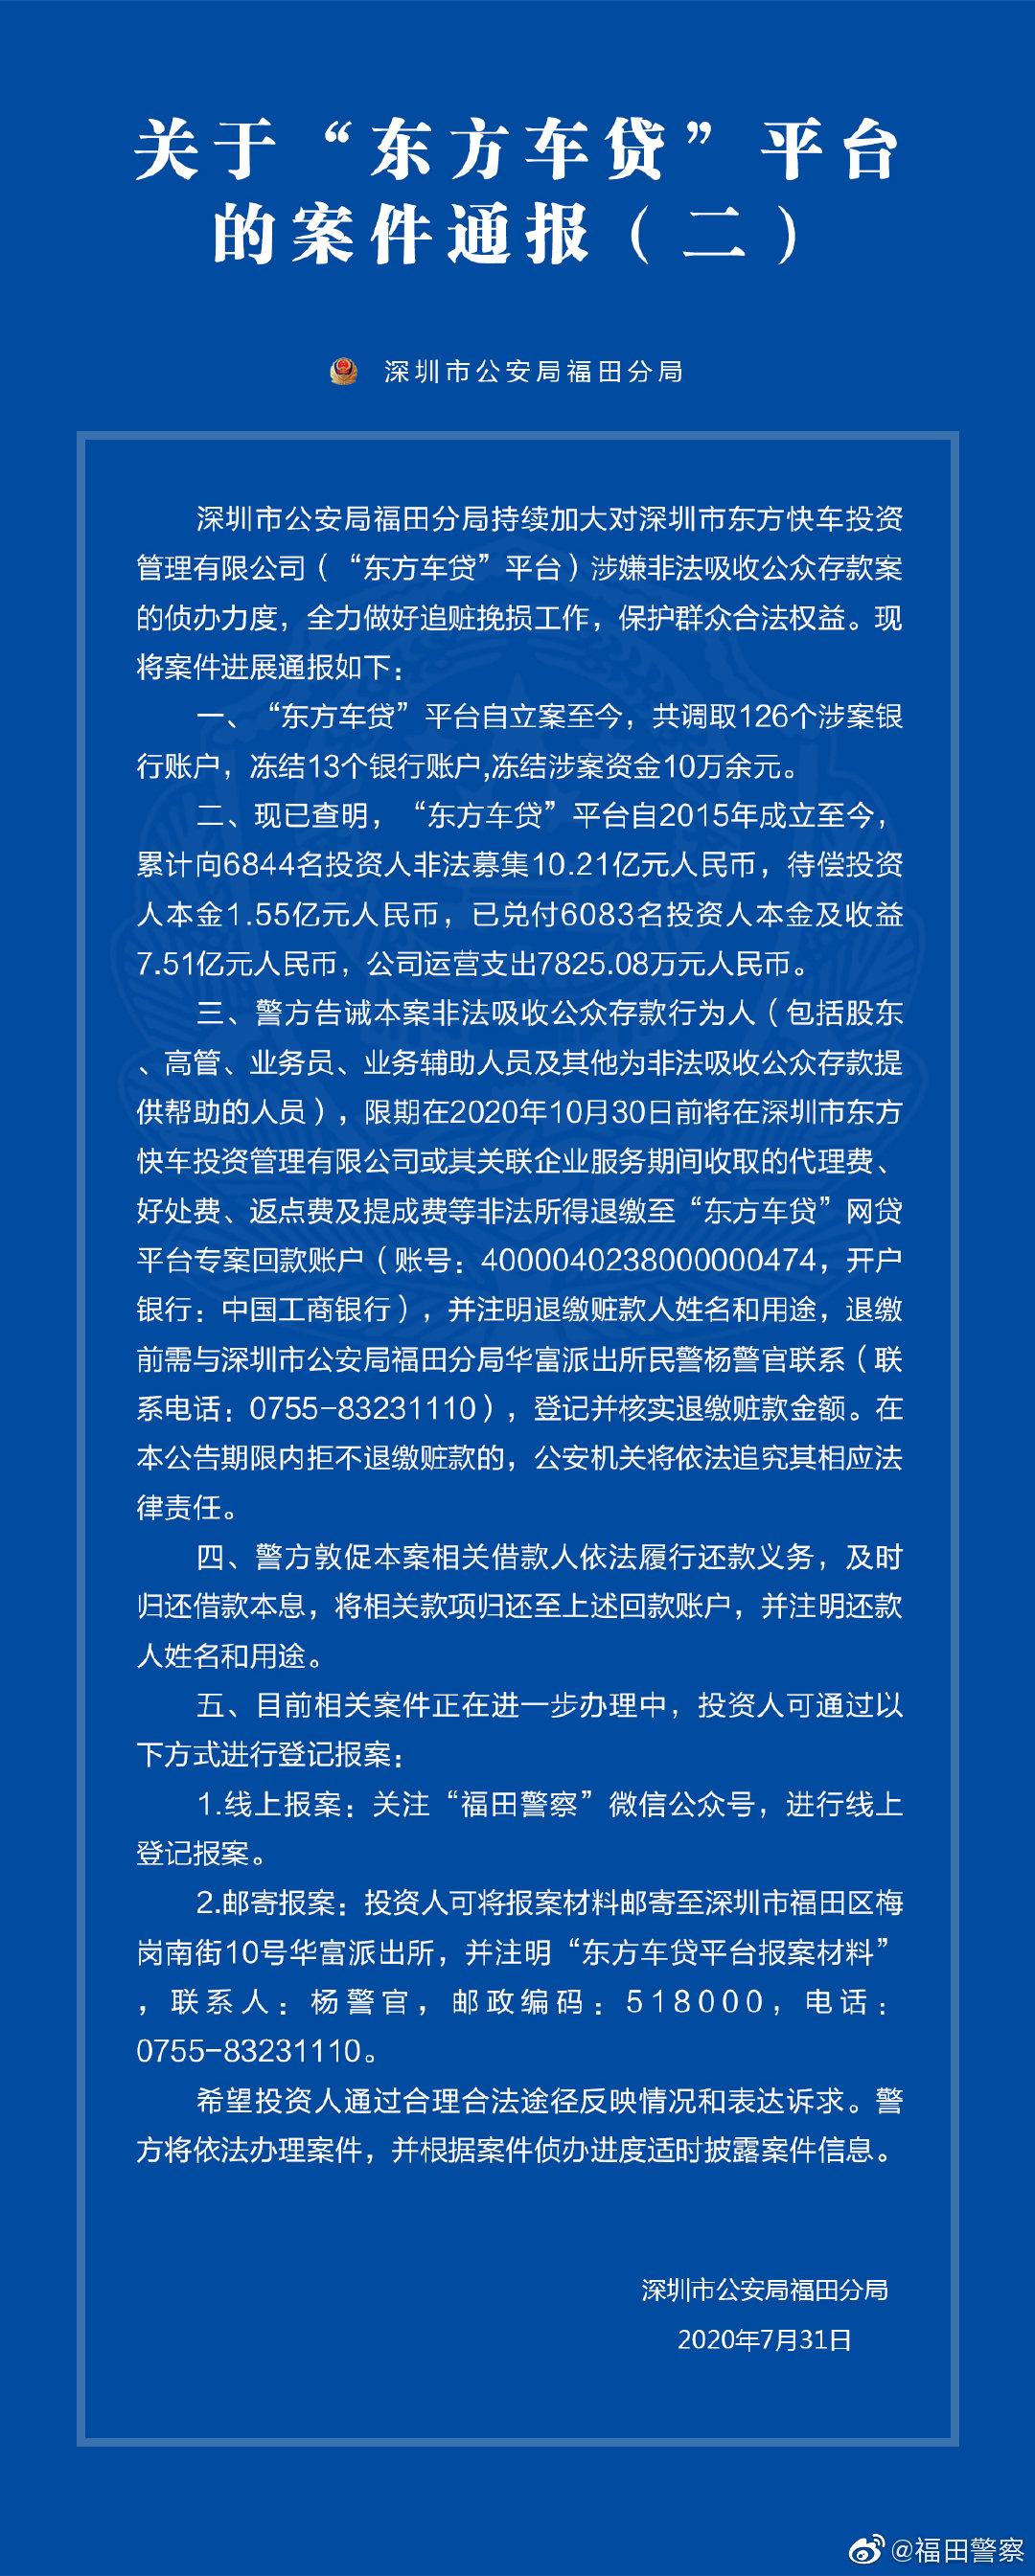 深圳涉案P2P东方车贷进展:待偿1.55亿 冻结超10万